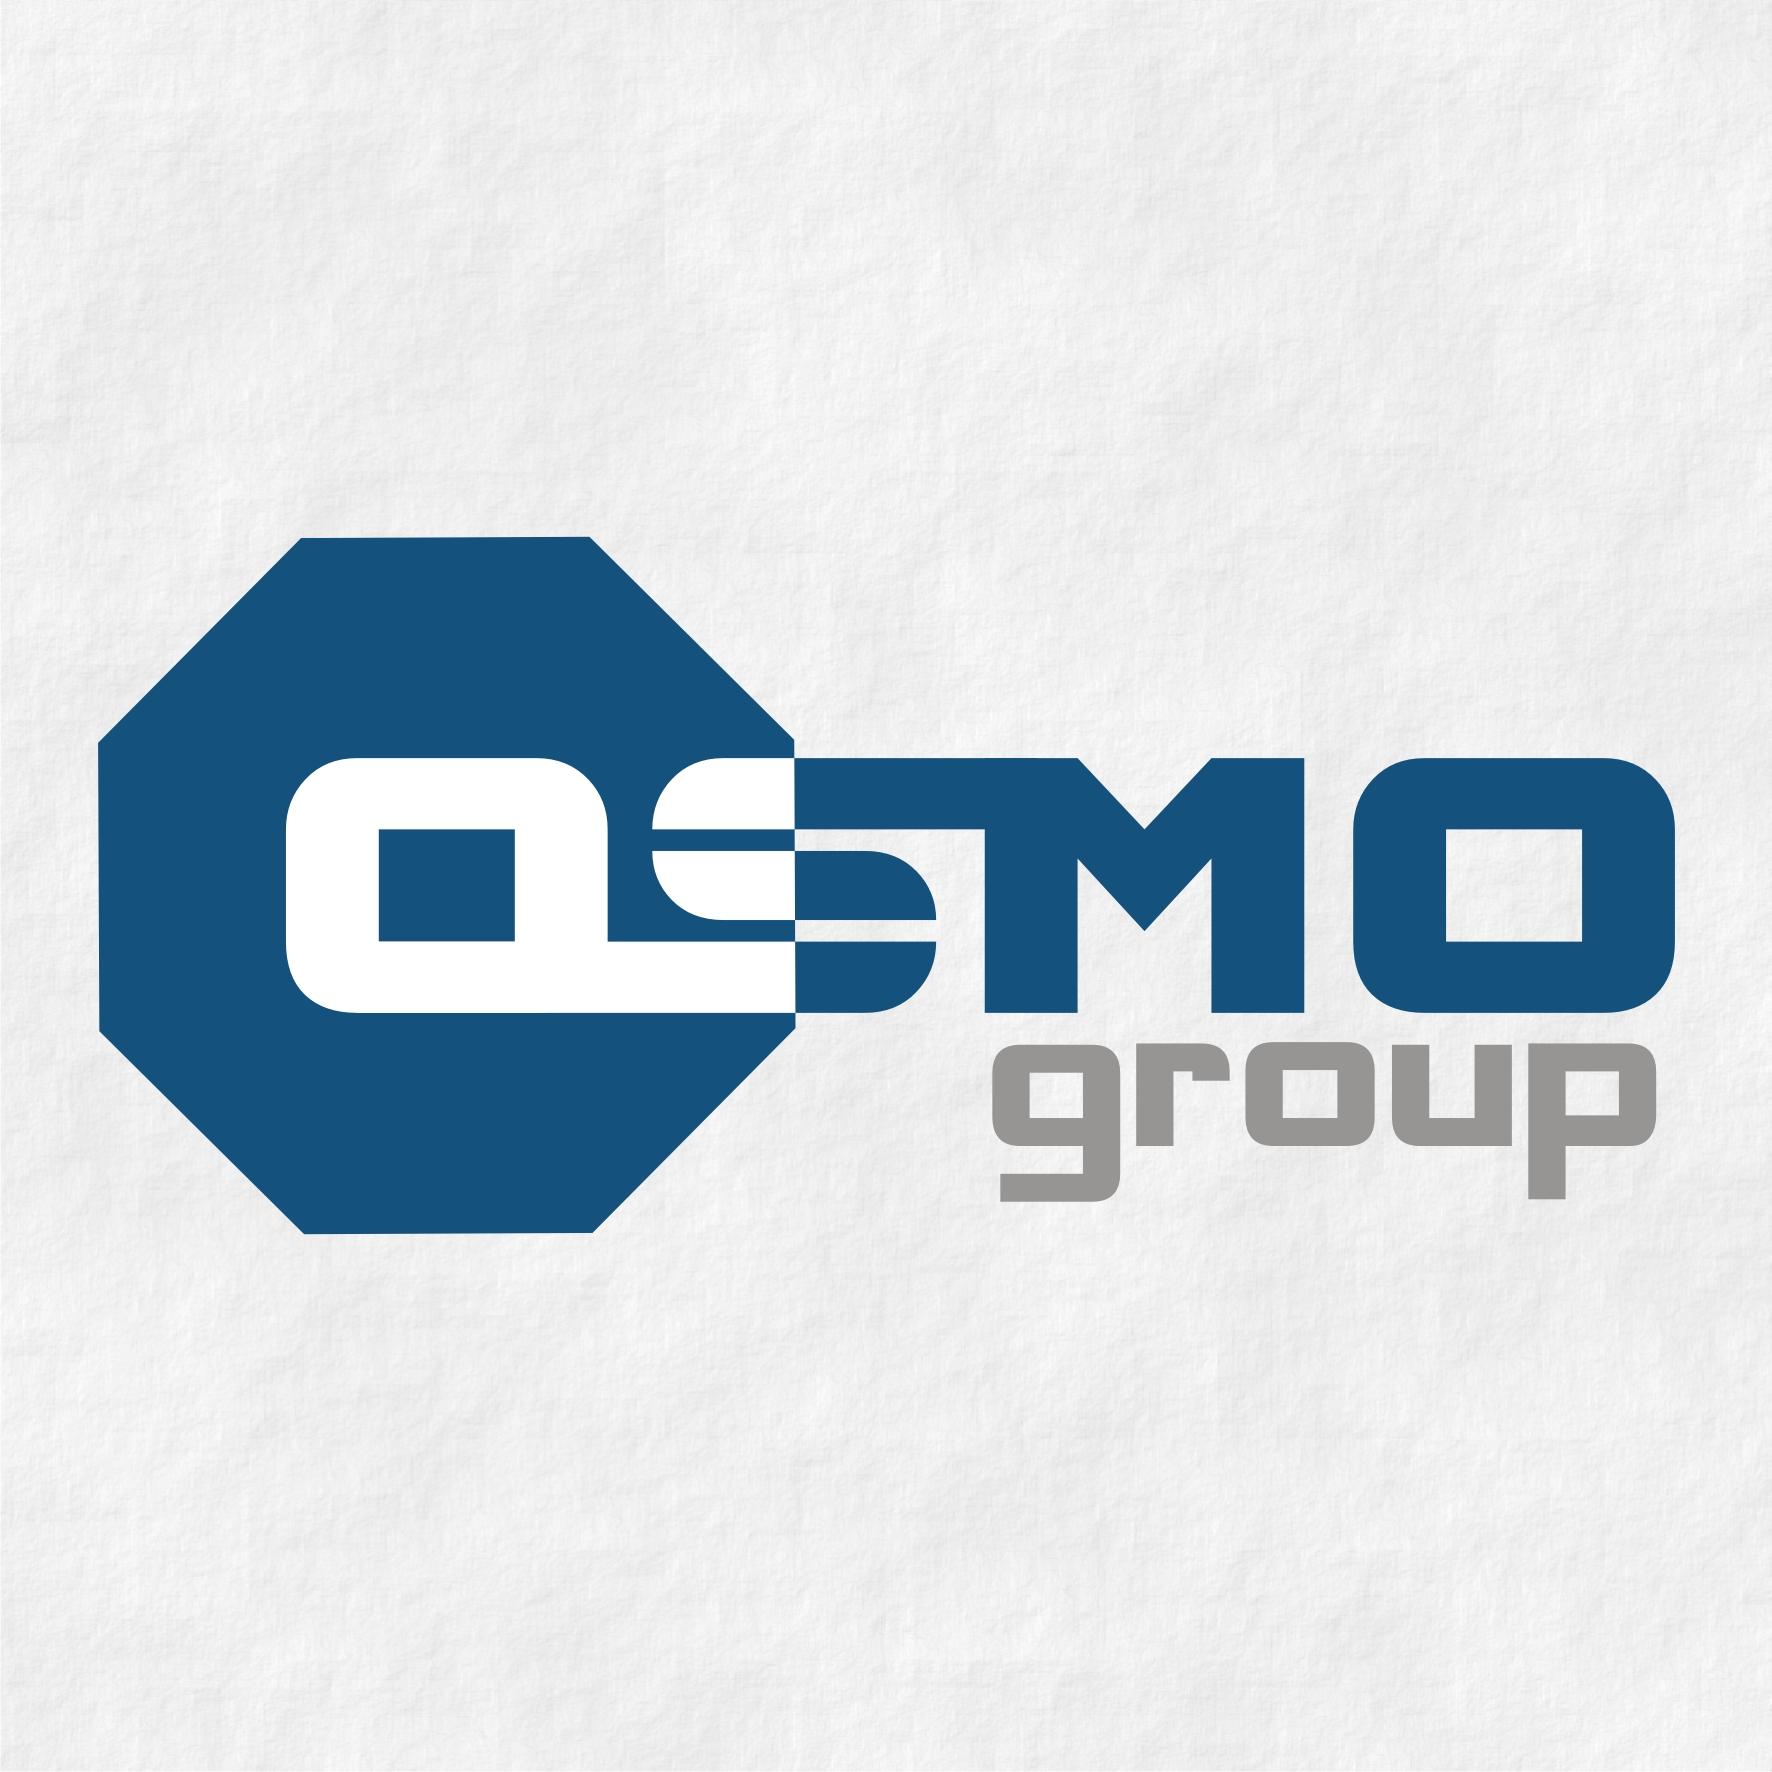 Создание логотипа для строительной компании OSMO group  фото f_33859b68e162ec14.jpg